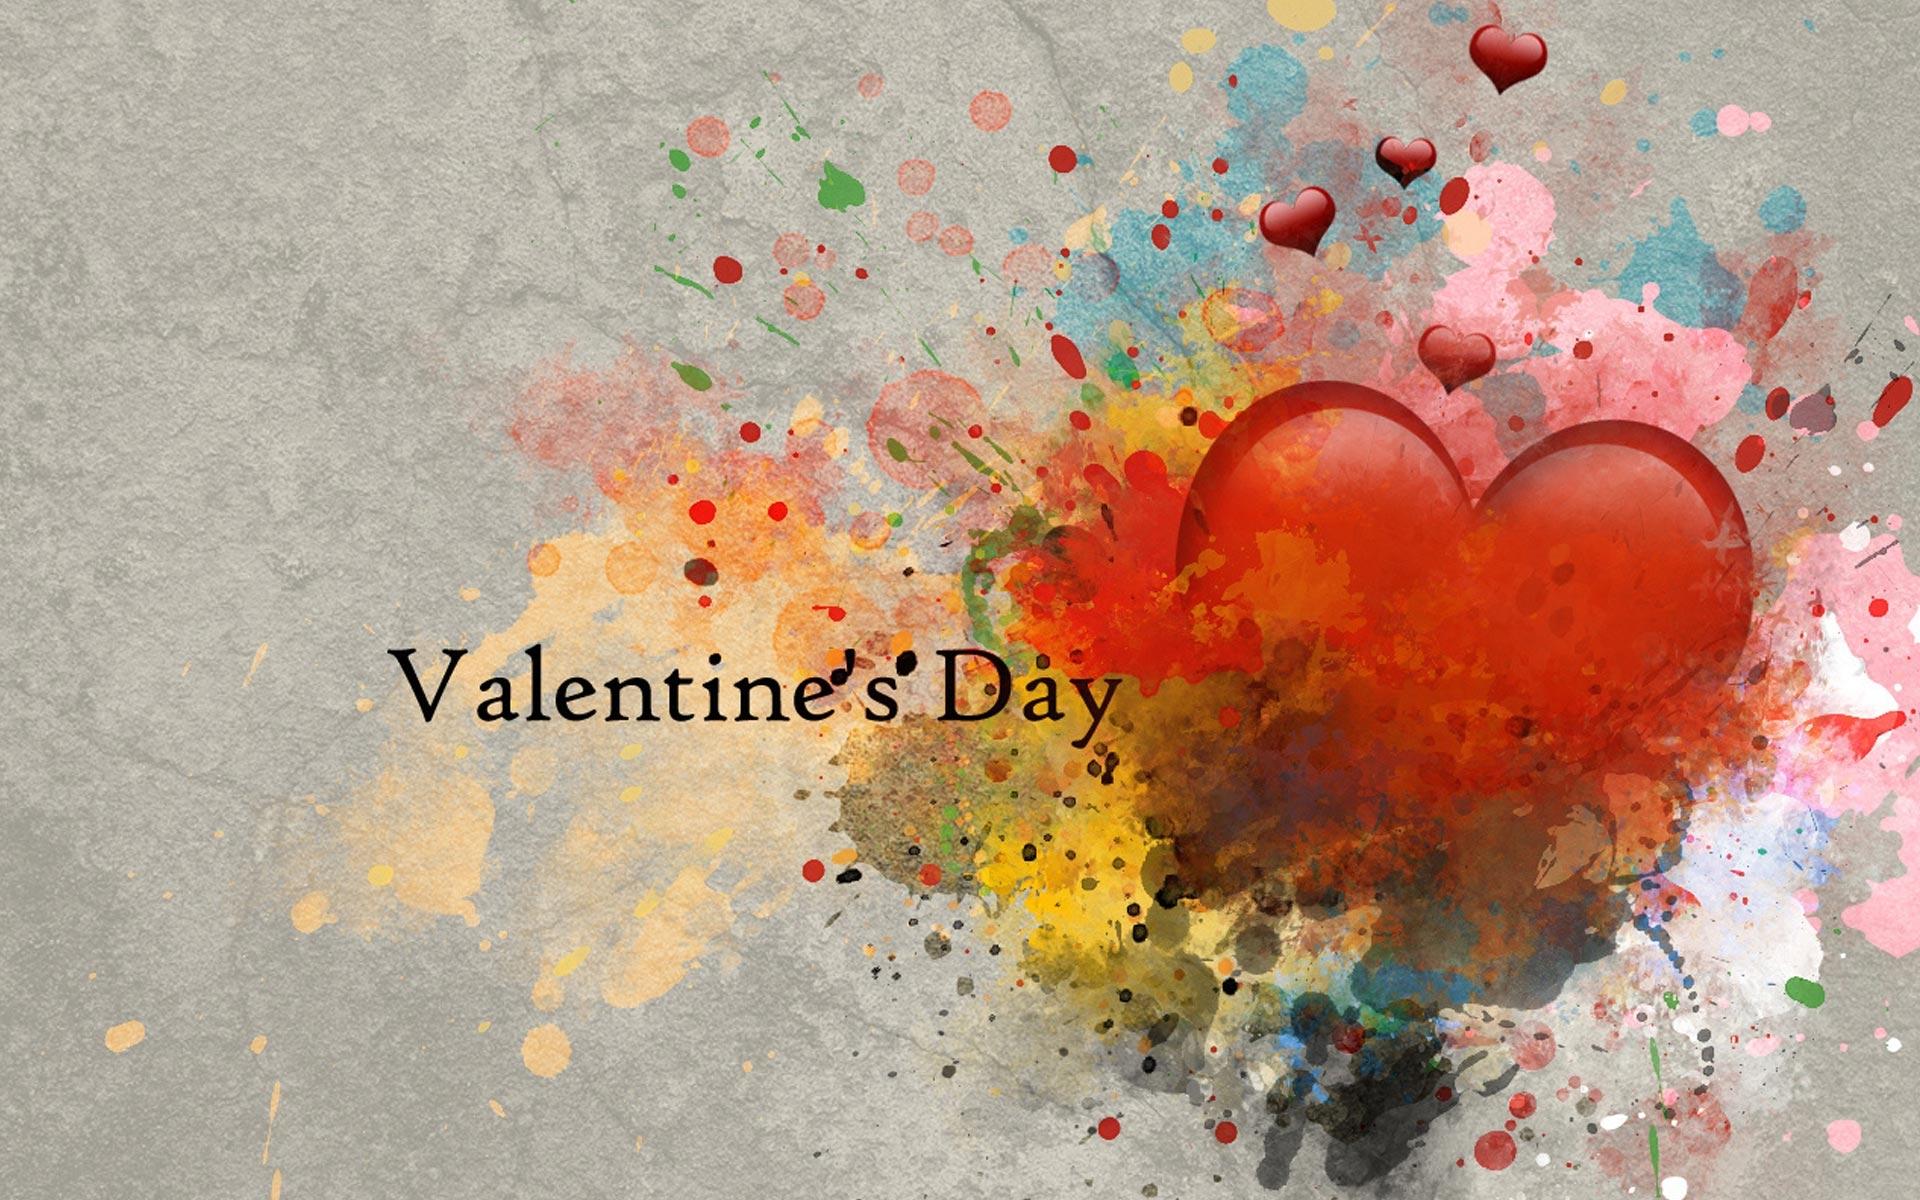 قلب های زیبا و عاشقانه برای پروفایل